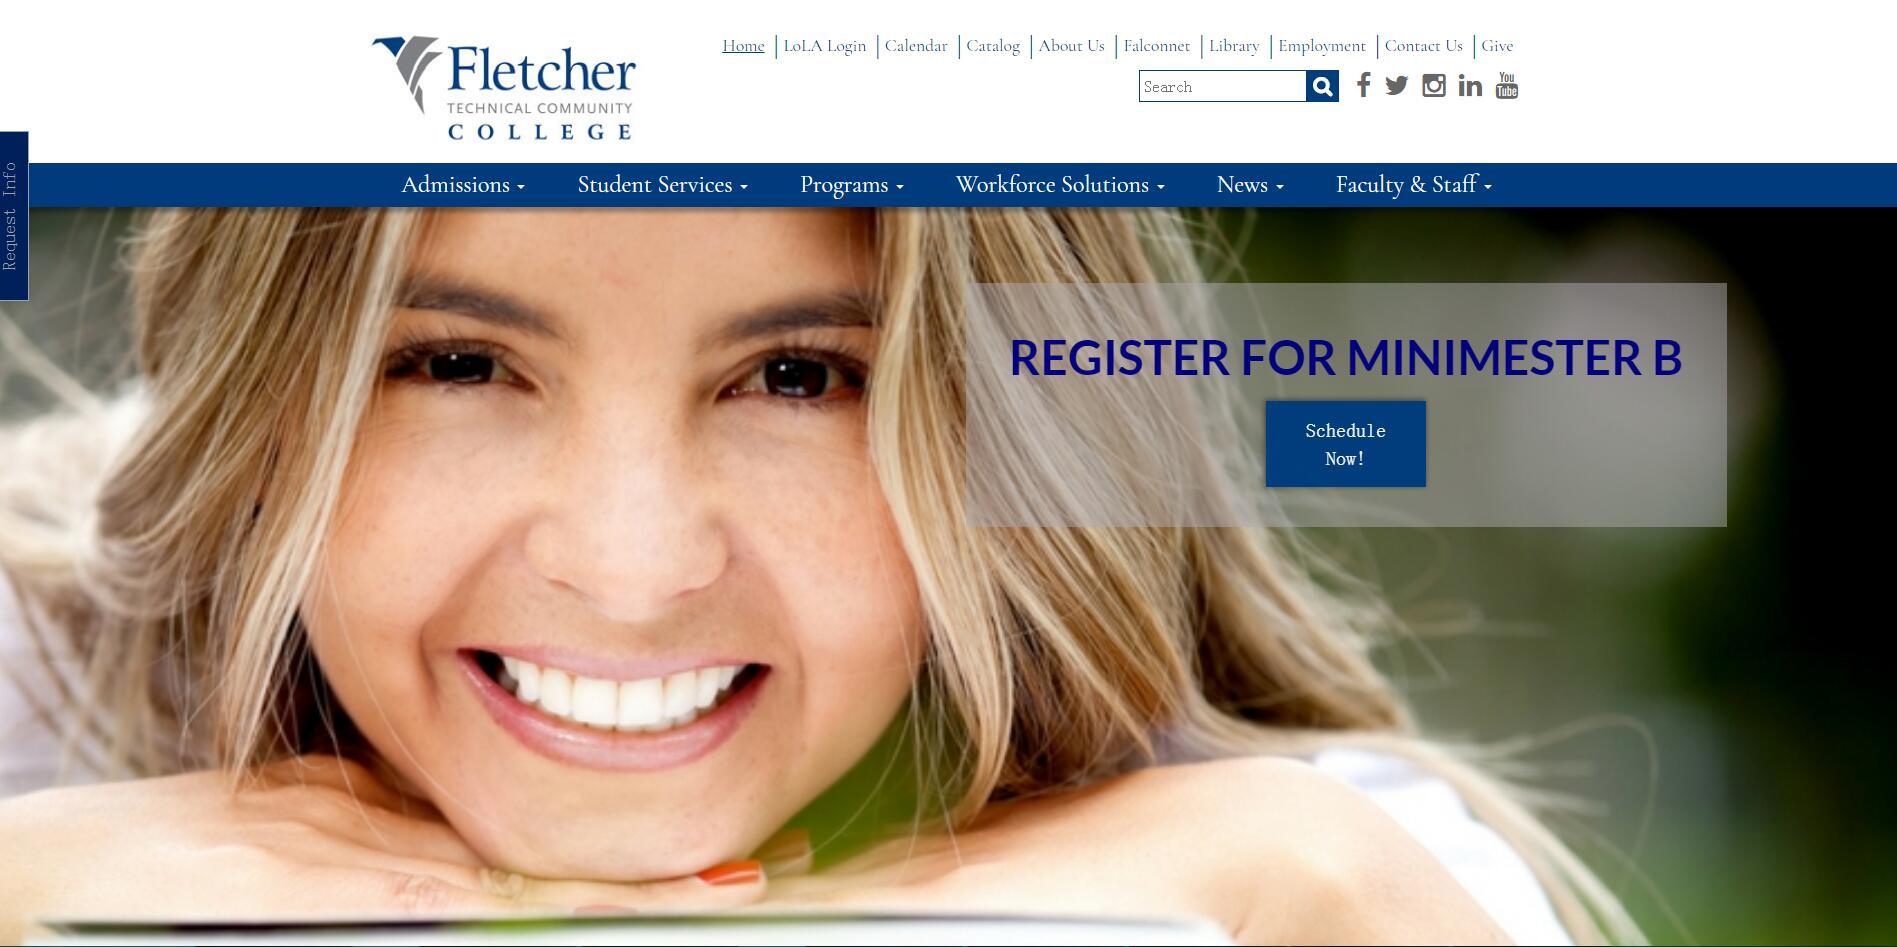 L E Fletcher Technical Community College